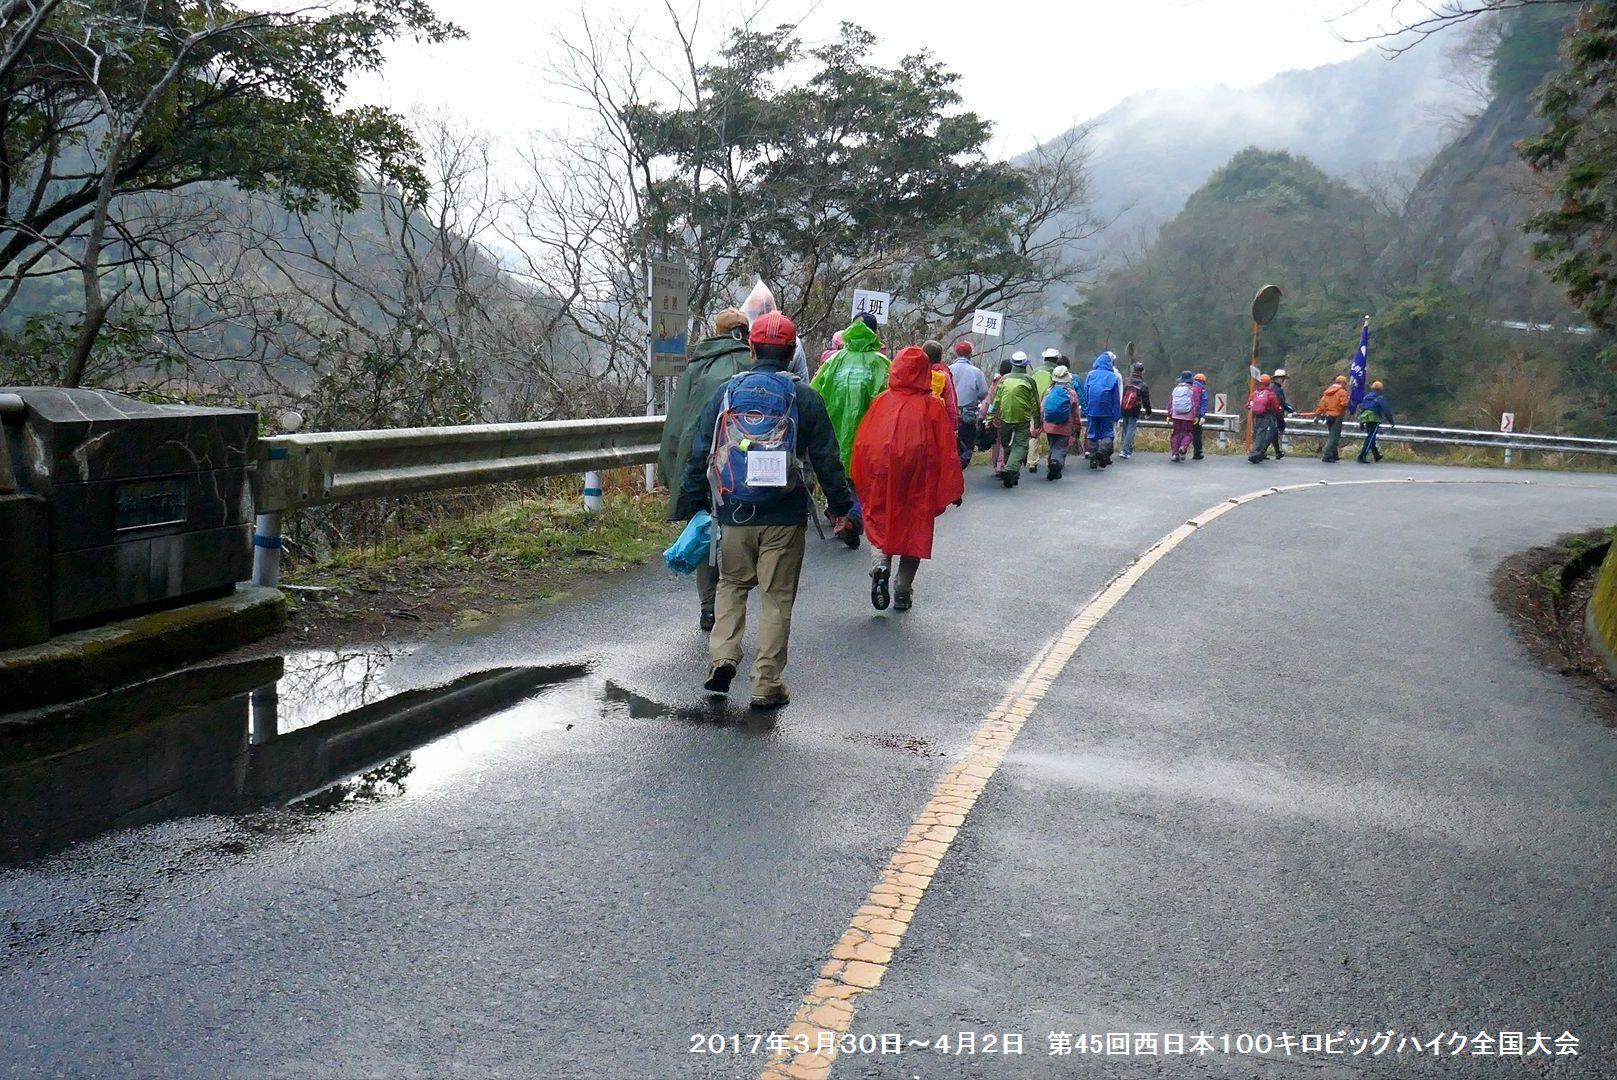 第45回西日本100キロビッグハイク全国大会ー3_b0220064_09464243.jpg